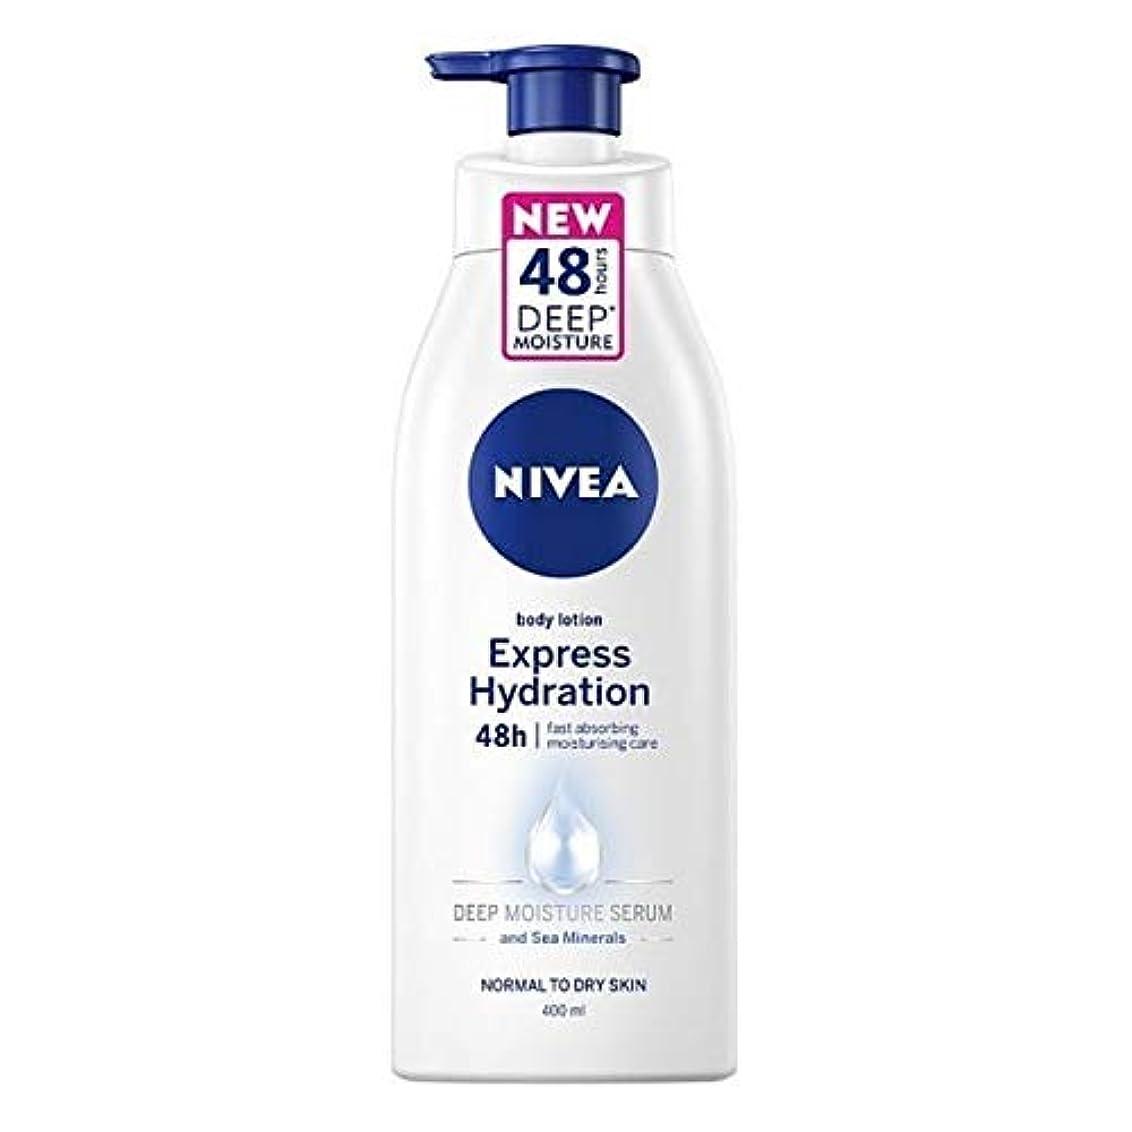 コミュニティ安らぎ生理[Nivea ] 高速の急行水和ボディローション400ミリリットルを吸収ニベア - NIVEA Fast Absorbing Express Hydration Body Lotion 400ml [並行輸入品]